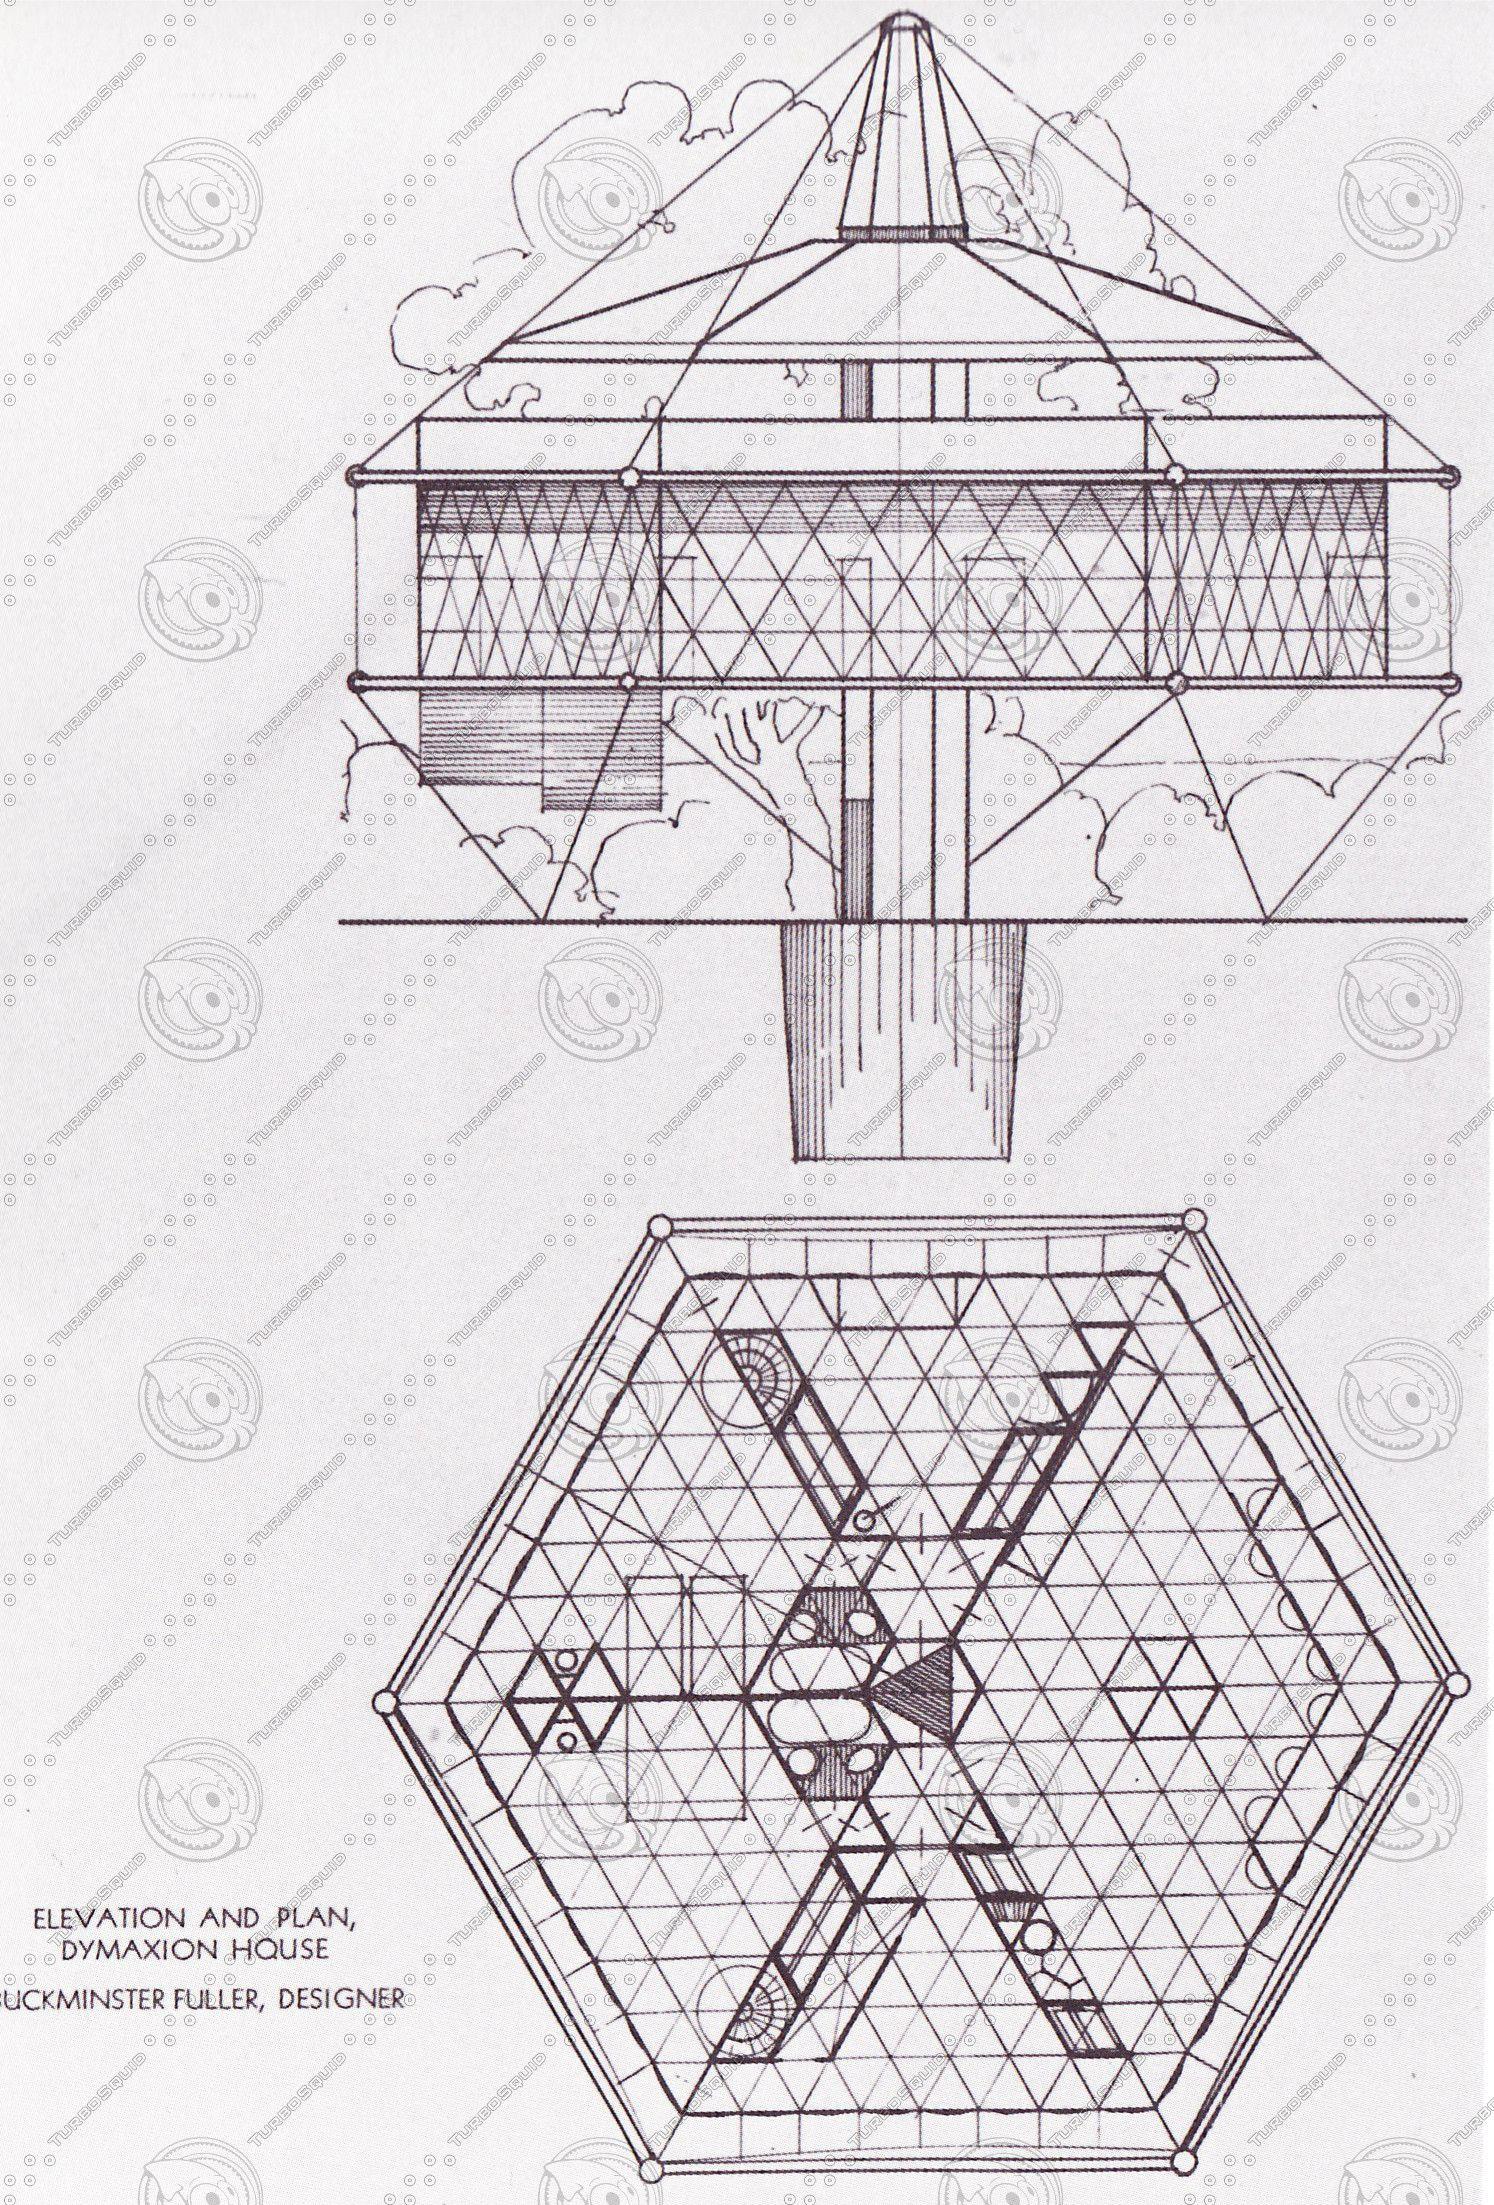 3d Buckminster Fuller Dymaxion House Dymaxion House